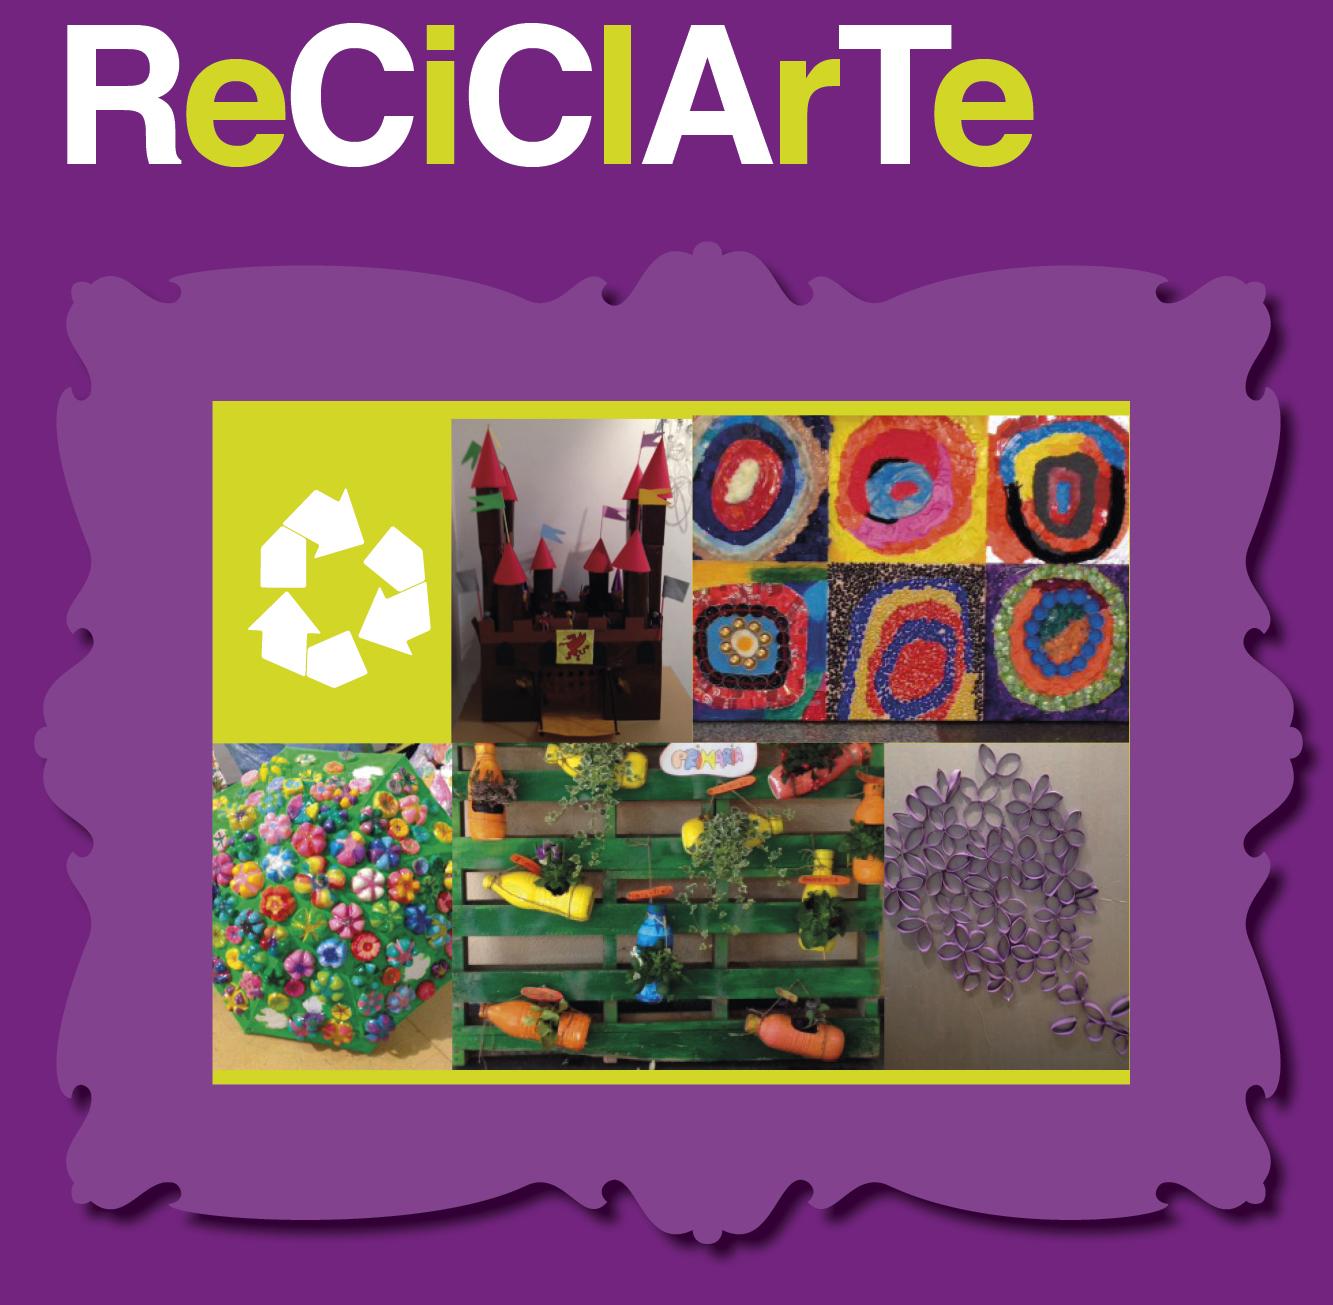 ReciclARTE, una mirada artística a partir del reciclado